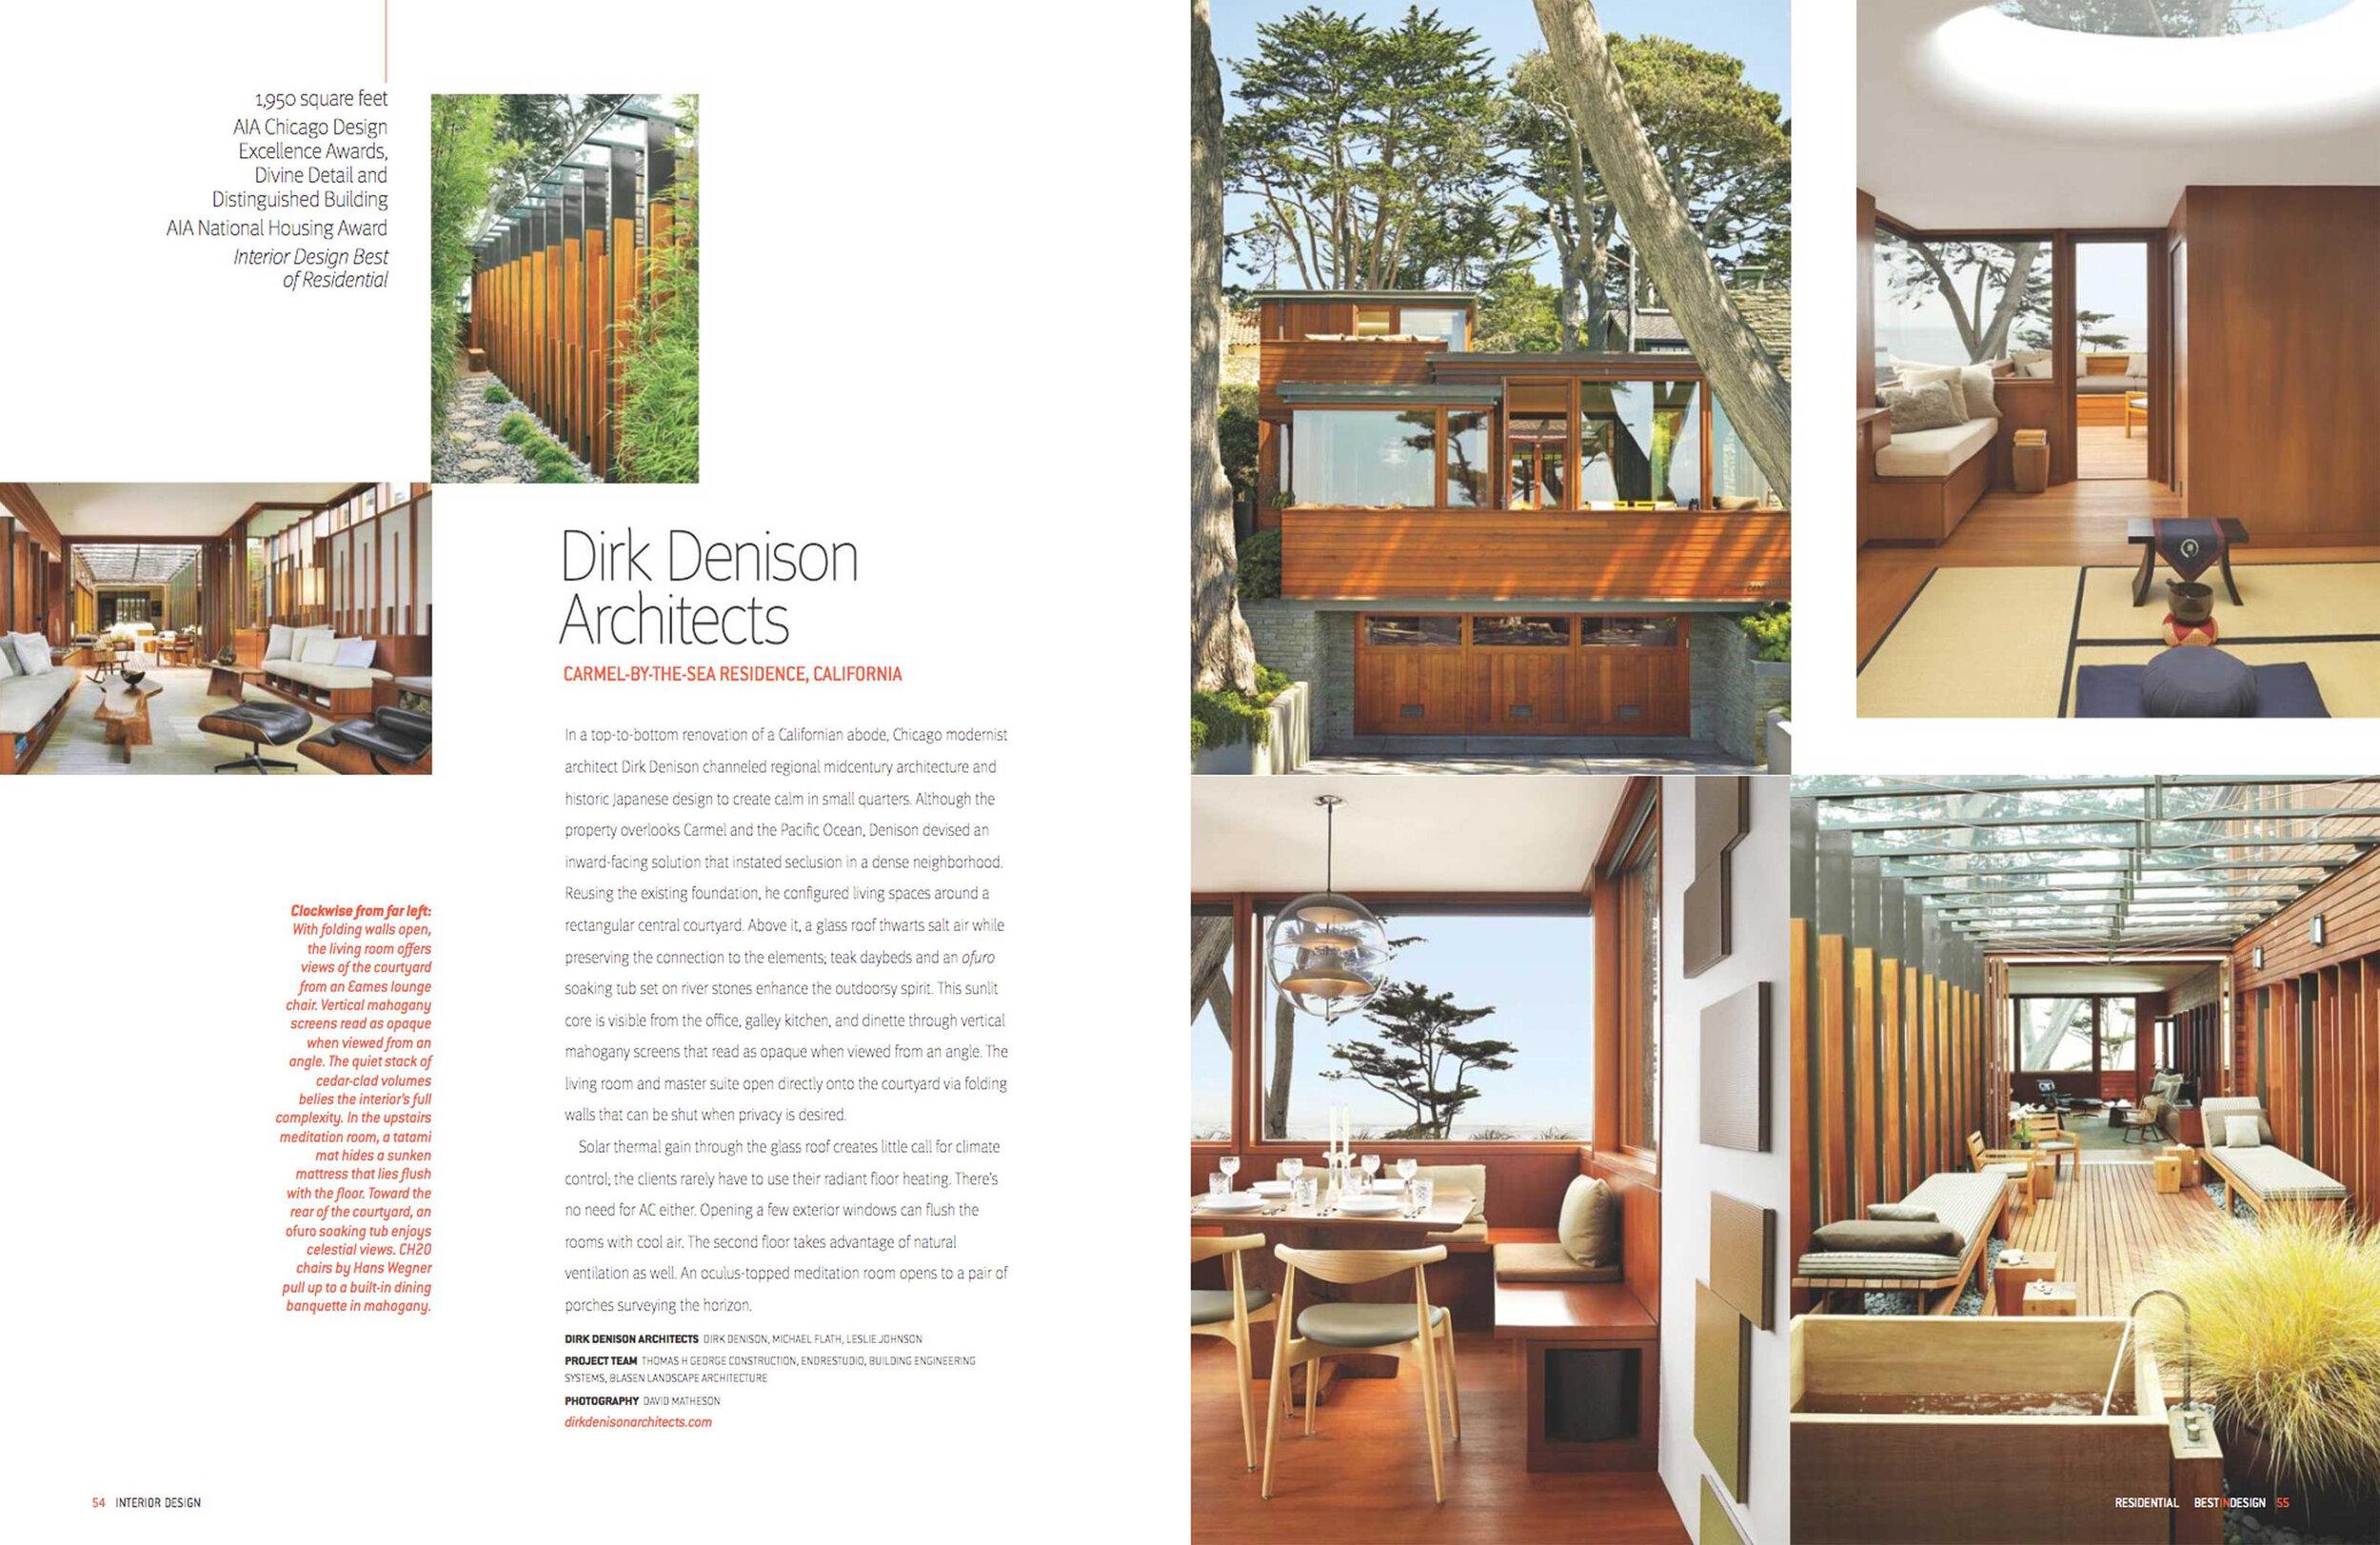 Interior Design 2019 Dirk Denison Architects